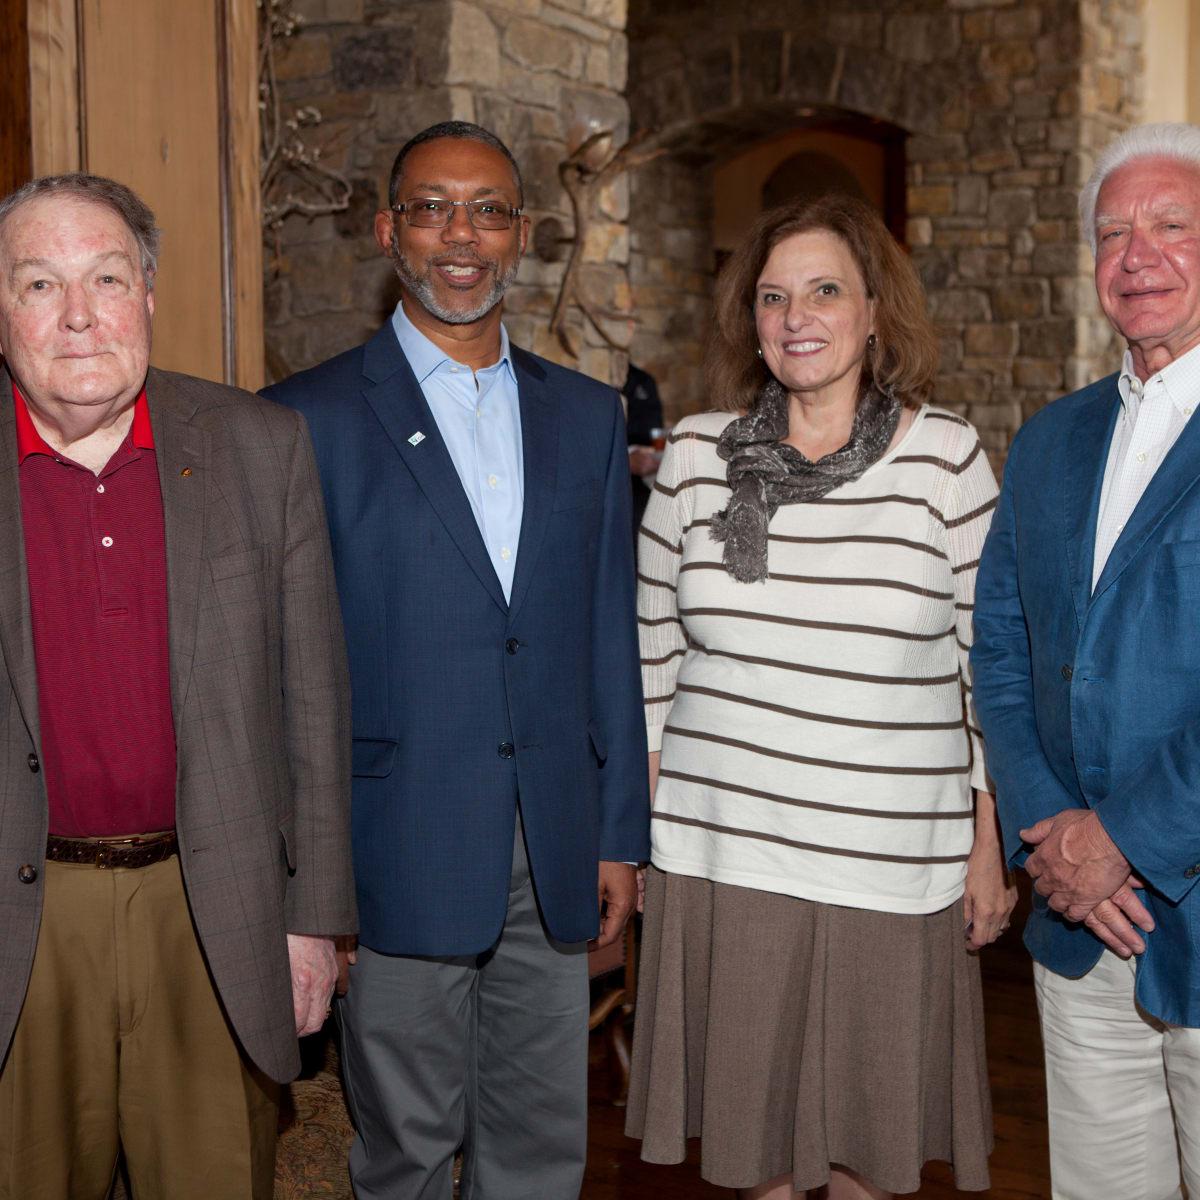 Houston, St. Luke's Foundation Summer Speaker Series Aspen, August 2015, Dr. James Willerson, Kevin Lofton, Doris Taylor, Leonard Tallerine